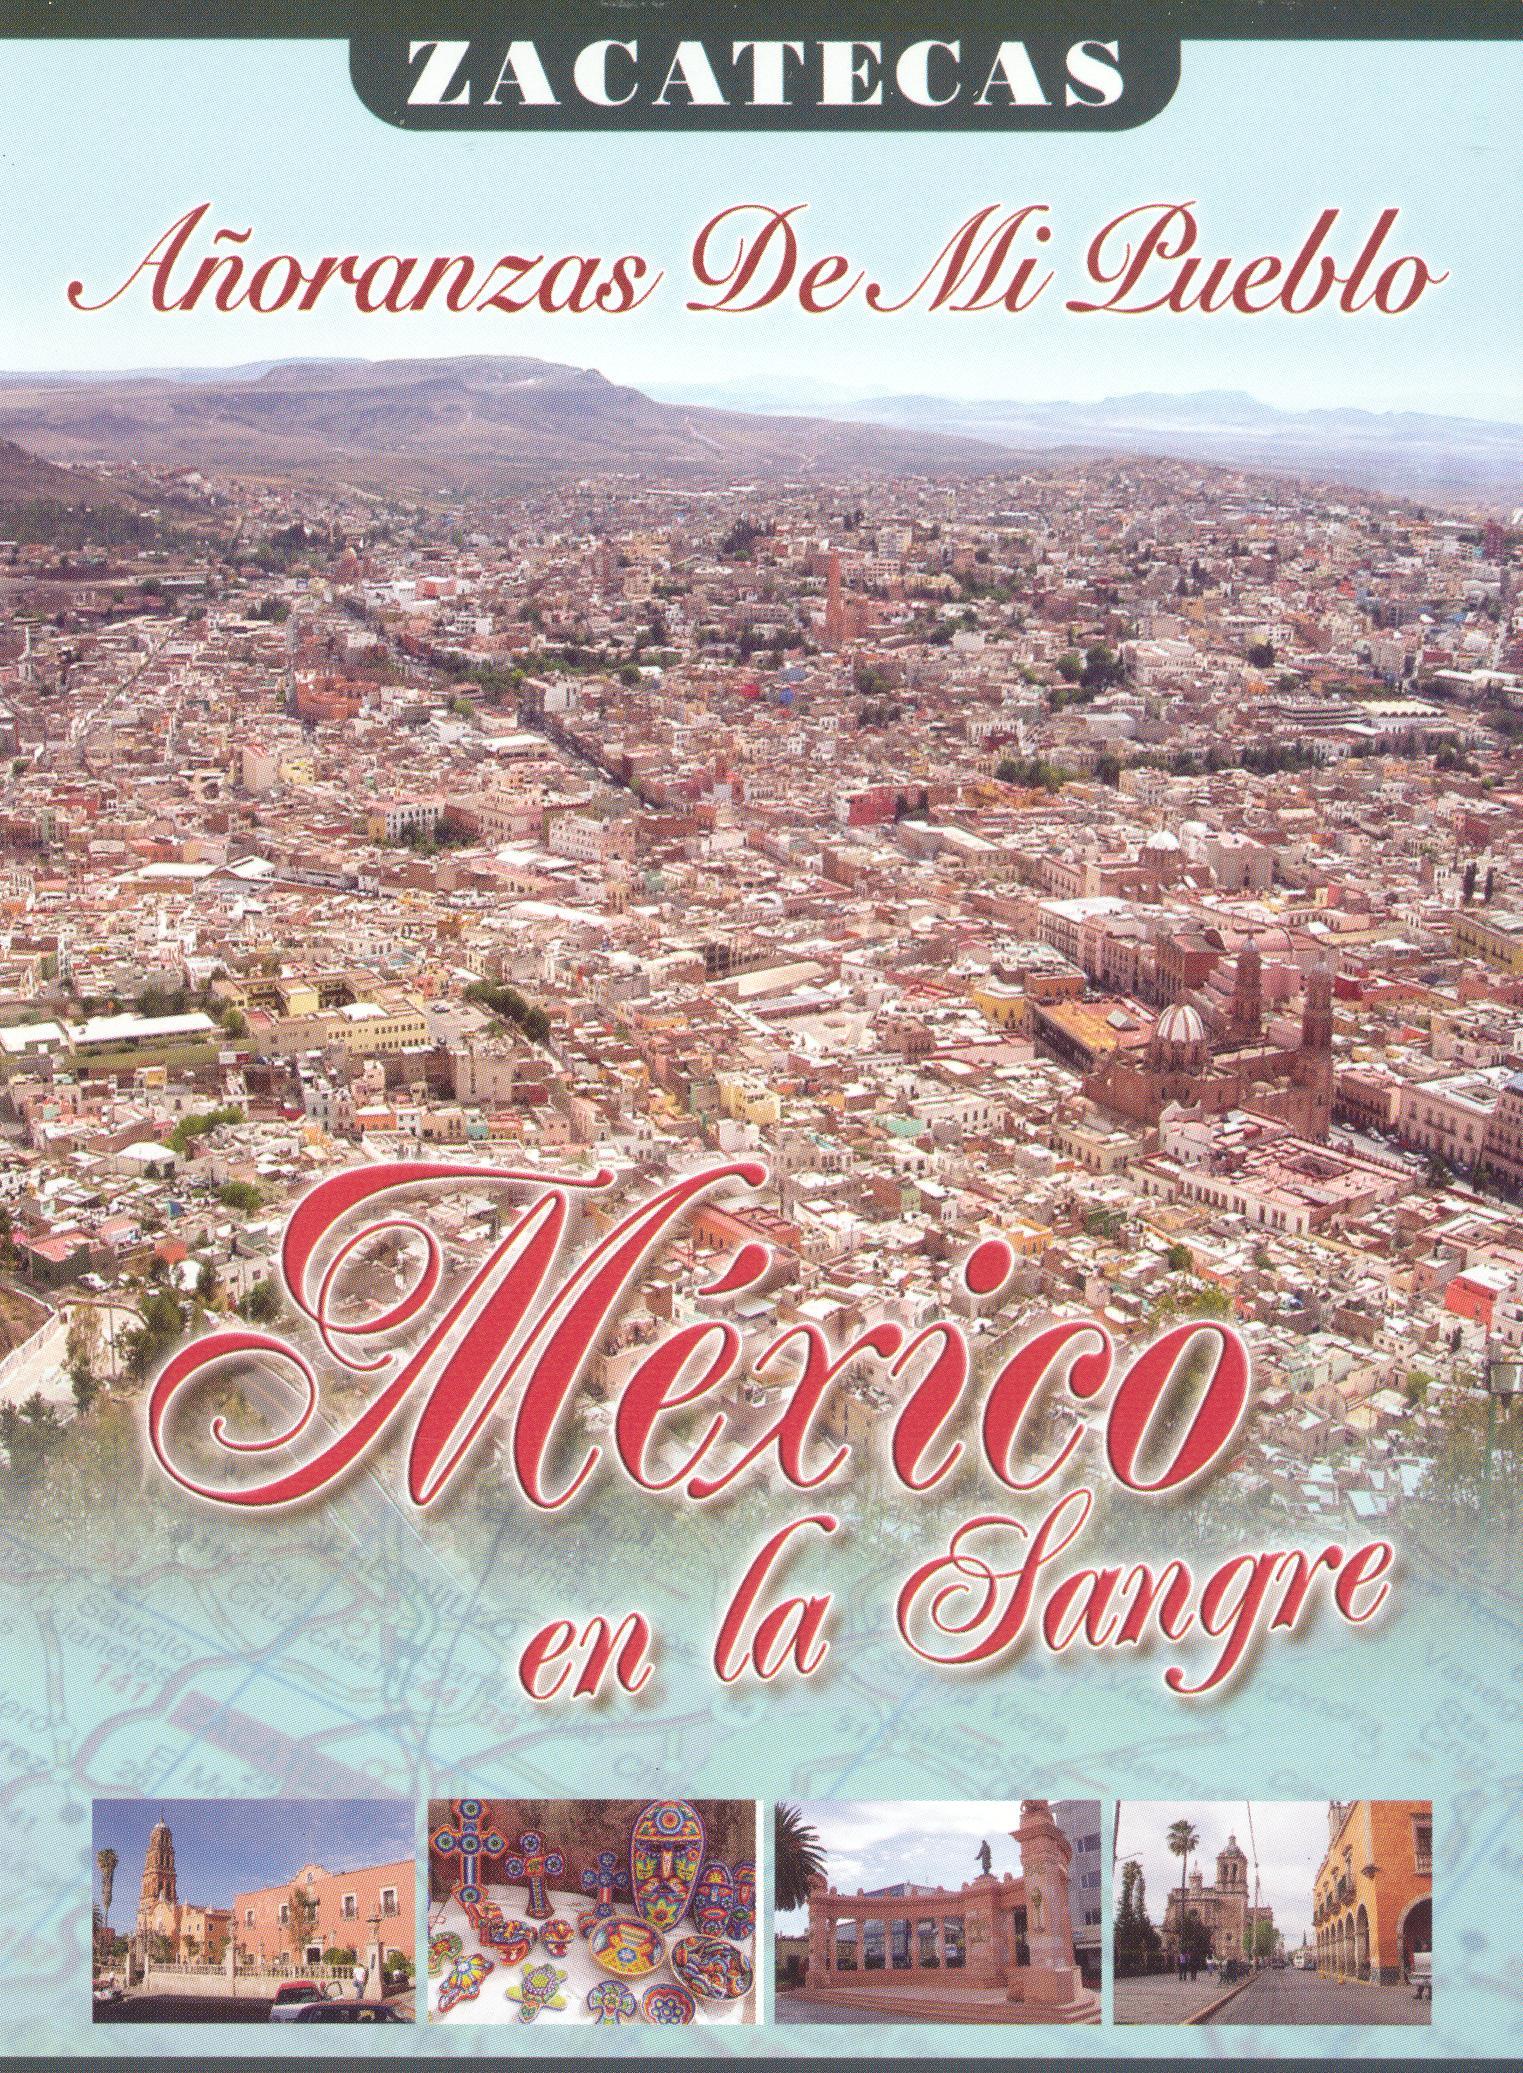 Mexico en la Sangre: Zacatecas